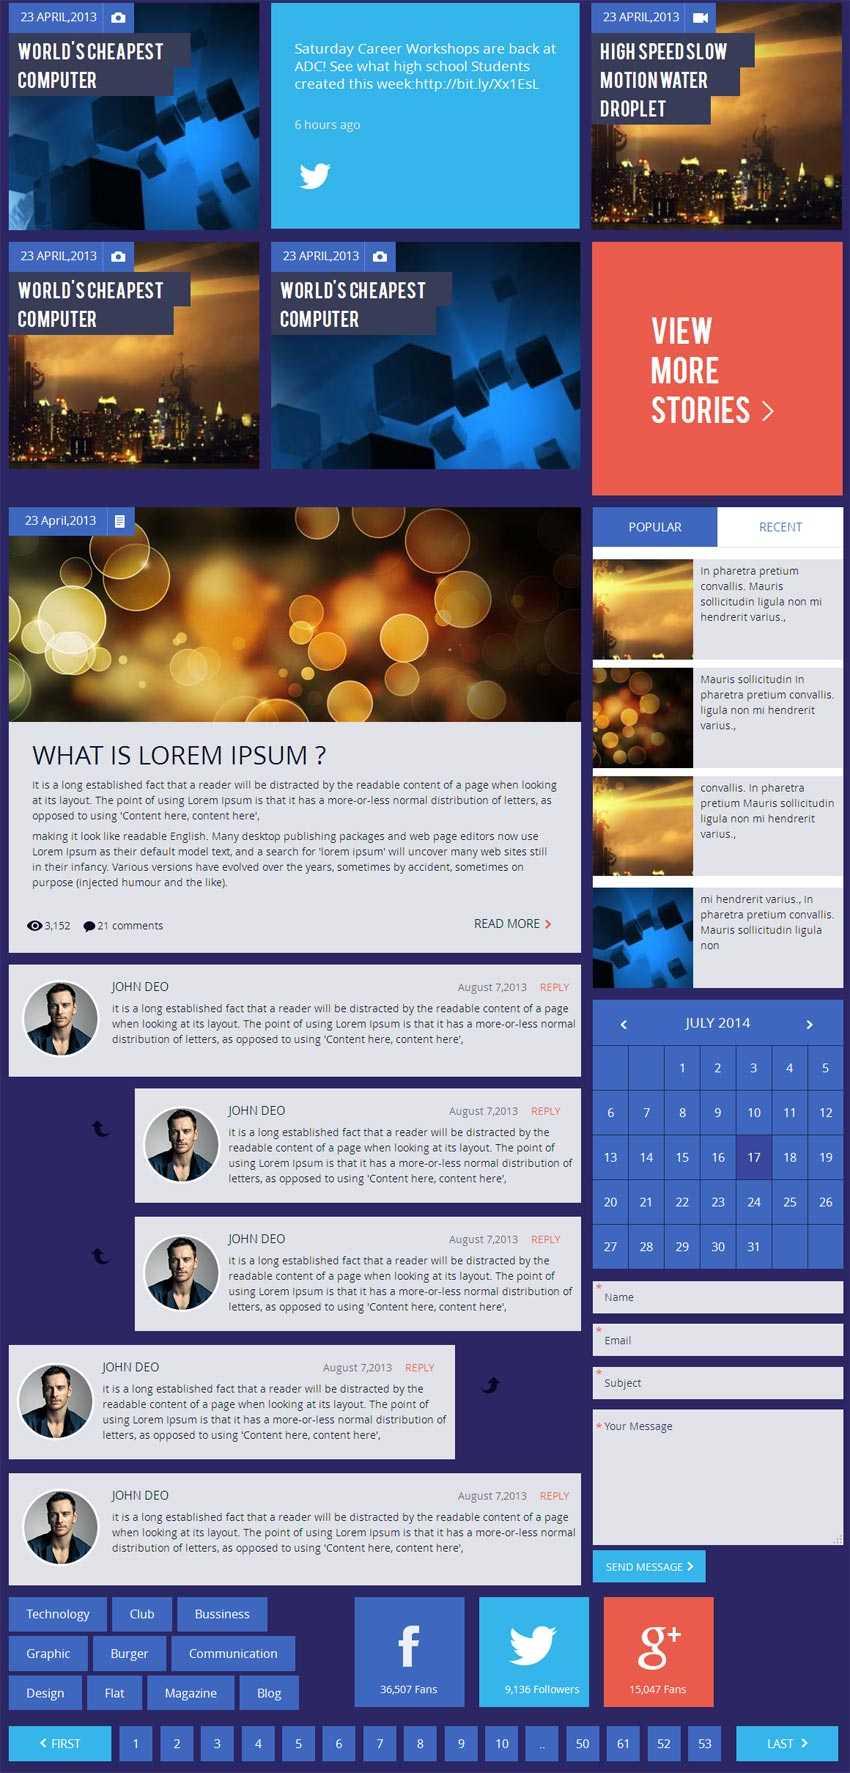 深蓝色扁平风格的企业博客网站UI工具包html模板源码下载